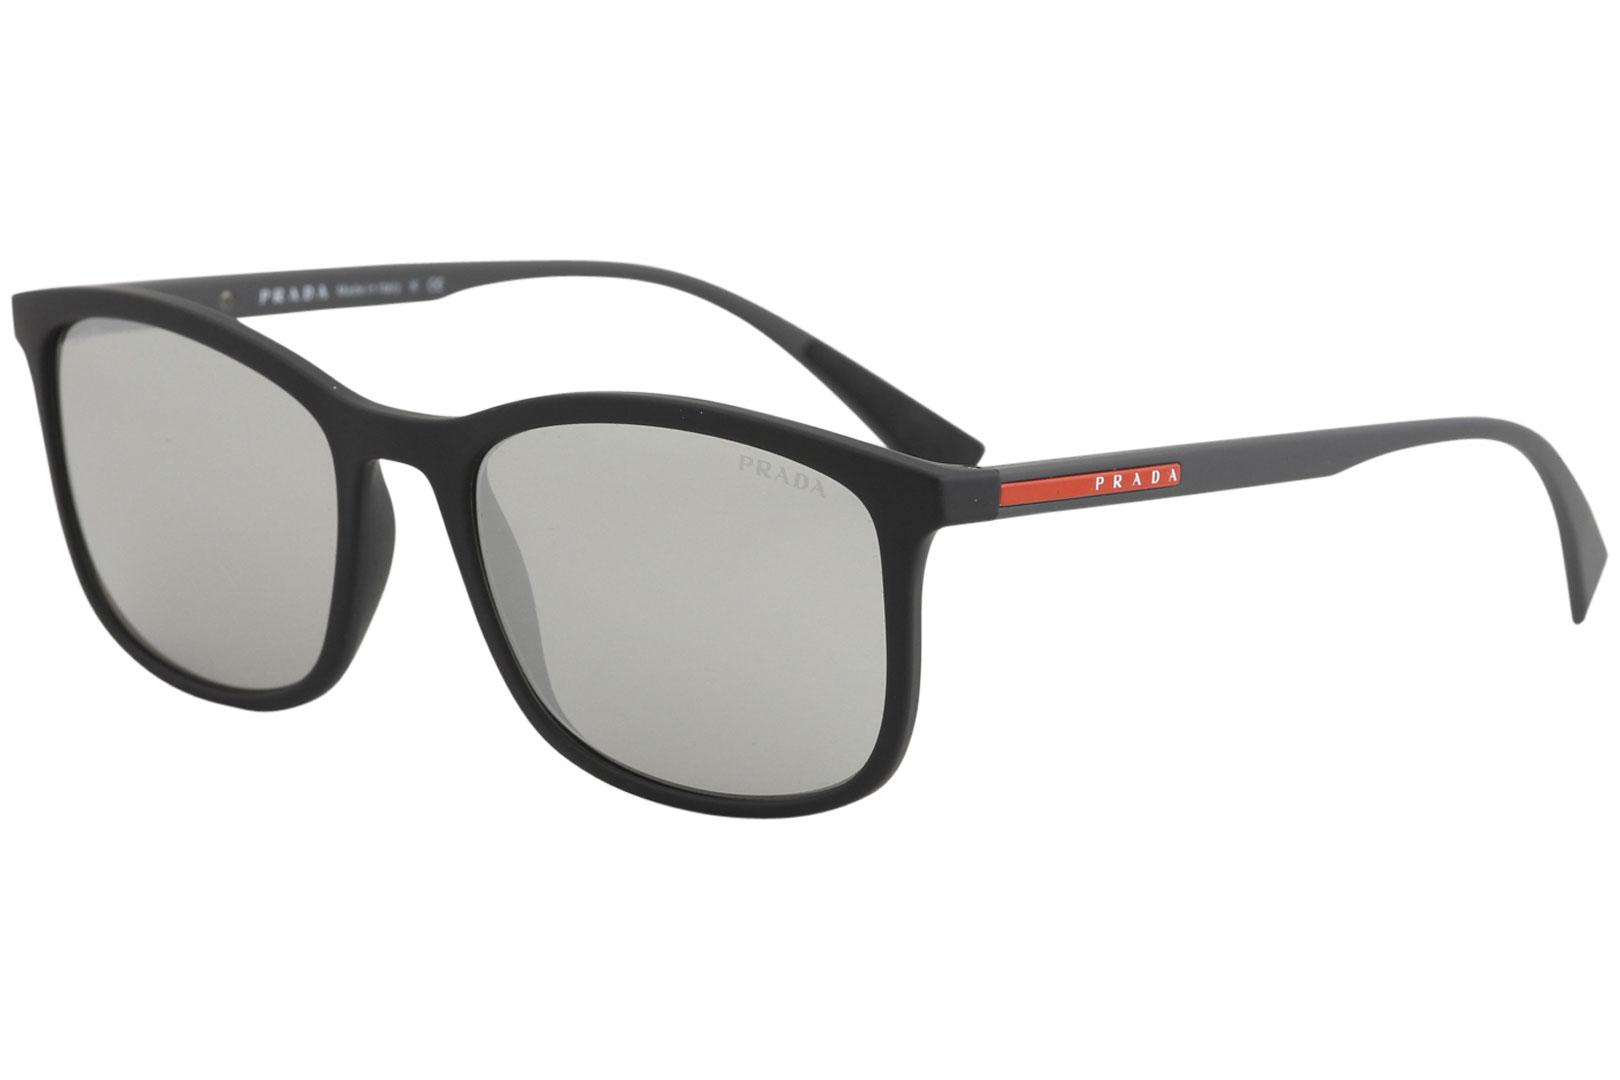 96e3771c750d Details about Prada Linea Rossa SPS01T SPS 01T DG0 2B0 Black Rubber Square  Sunglasses 56mm